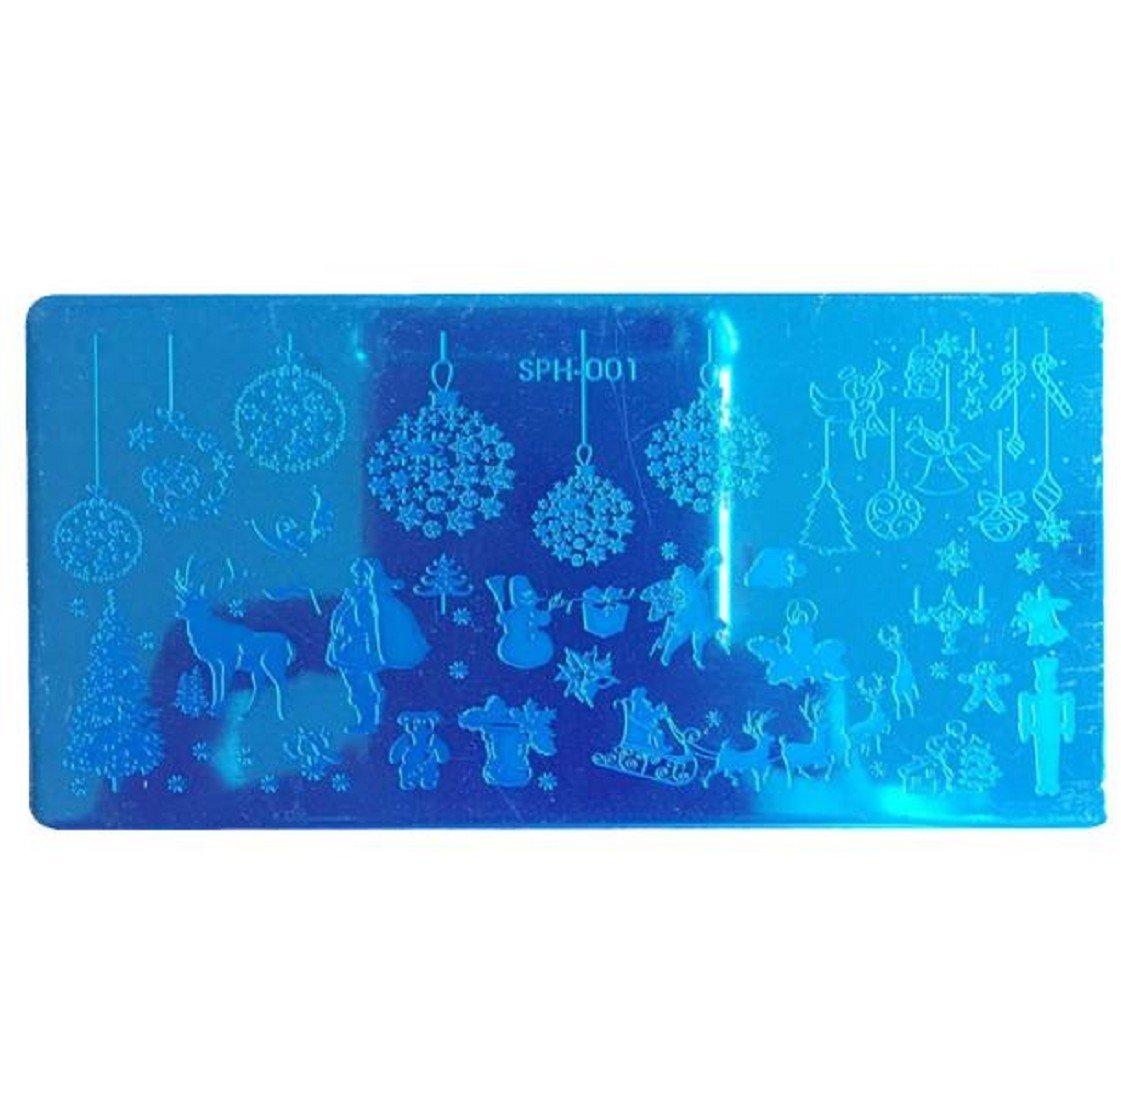 Vovotrade 2016 Nouveaux Plaques de Noël bricolage Nail Art Photo Stamp Stamping Template manucure_A